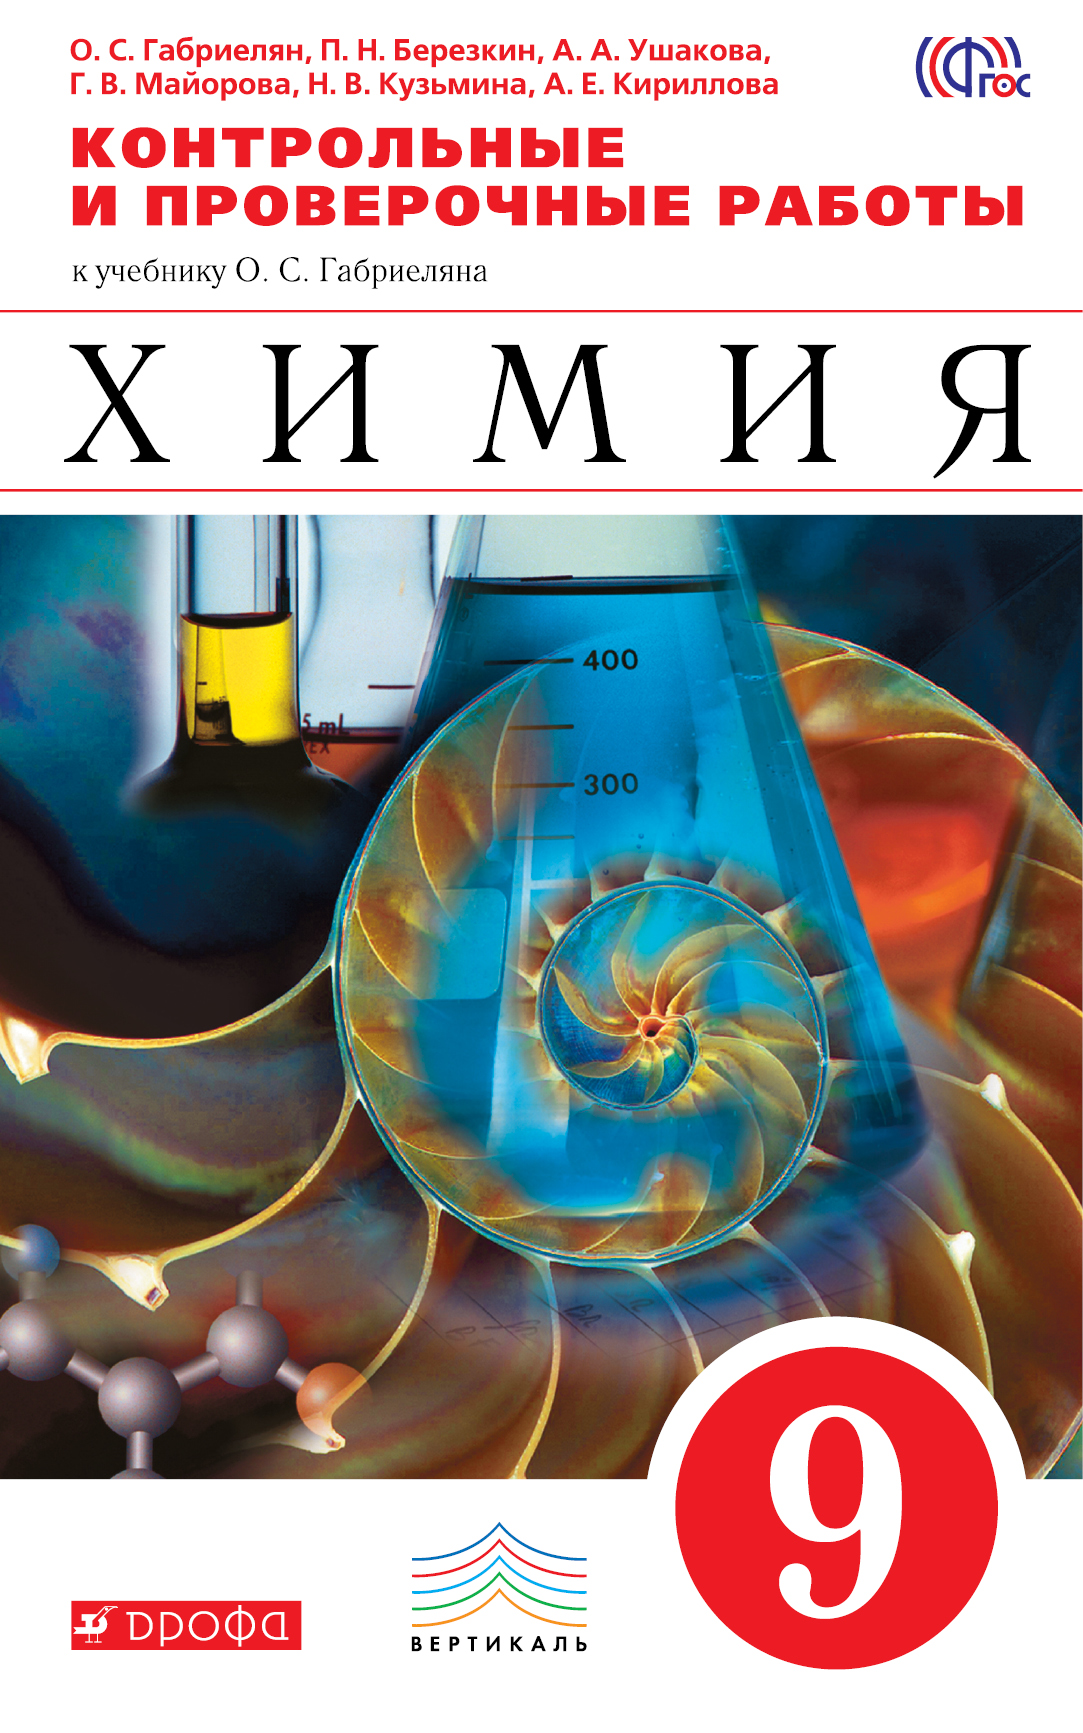 Химия 9кл [Контр.и пров.раб.] Вертикаль